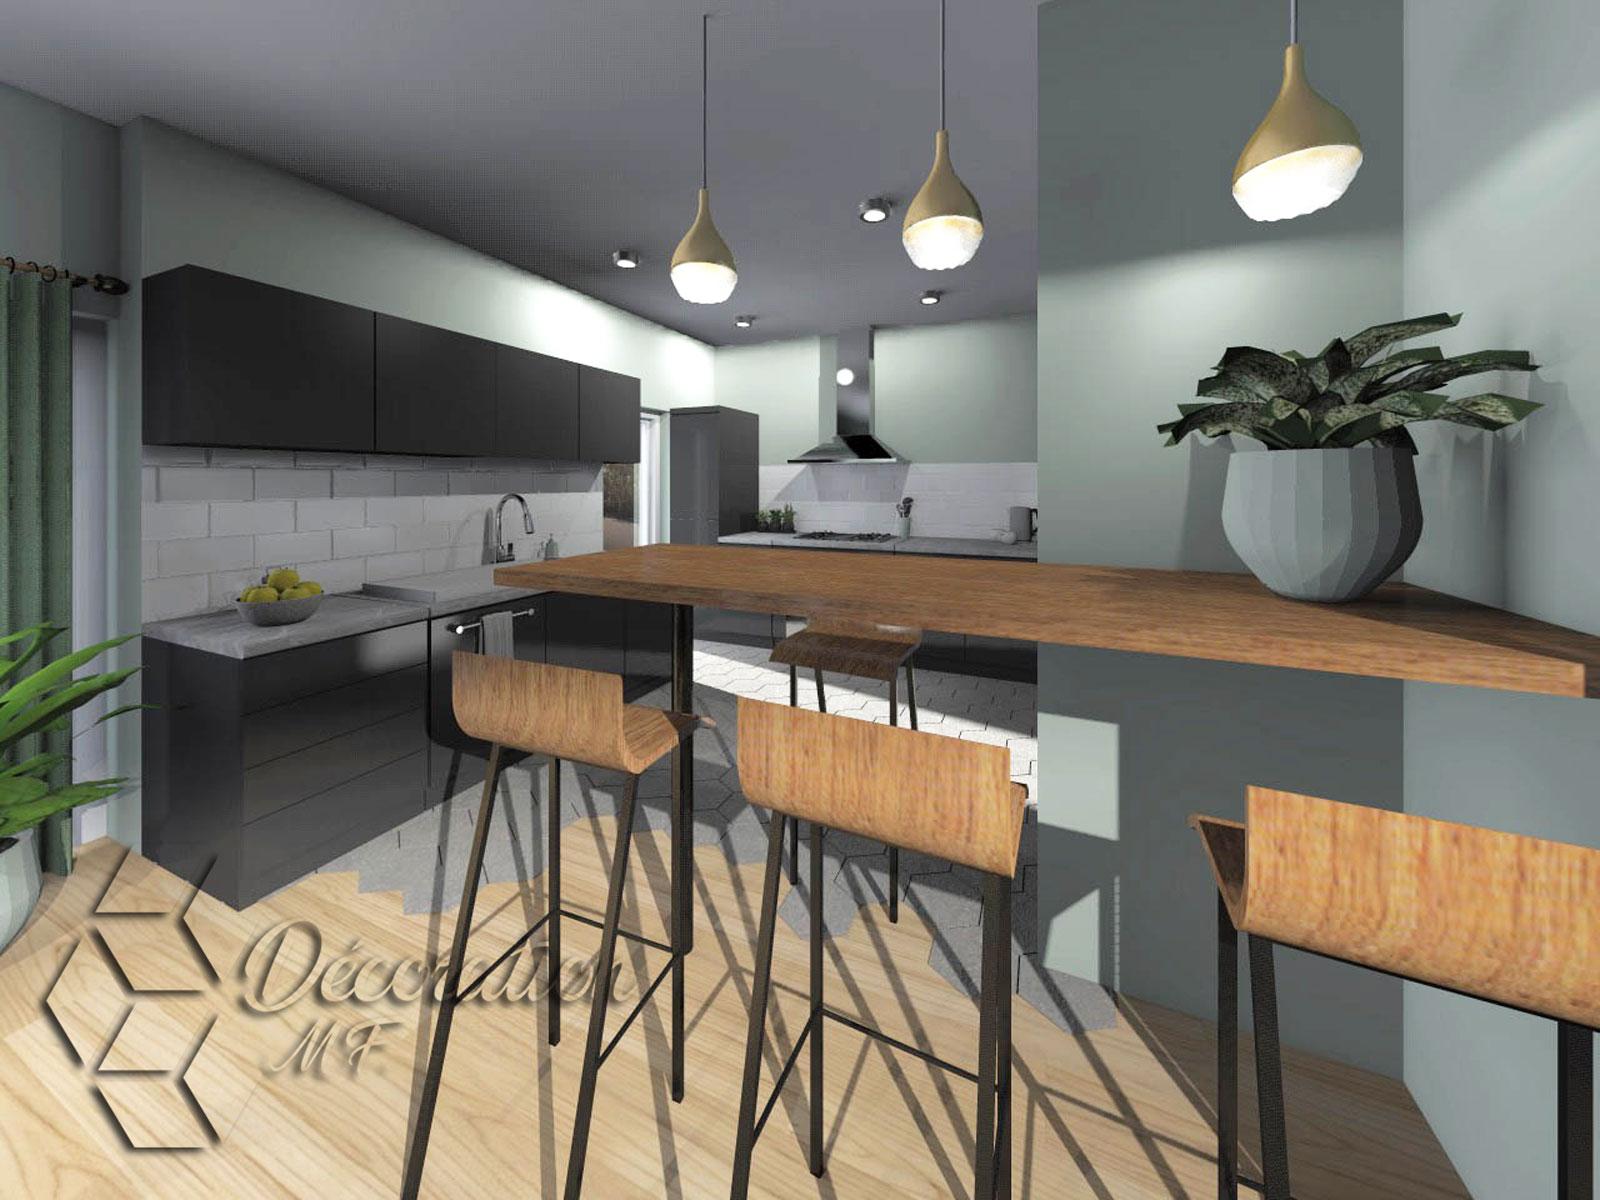 Salon-cuisine-vue-3-fini